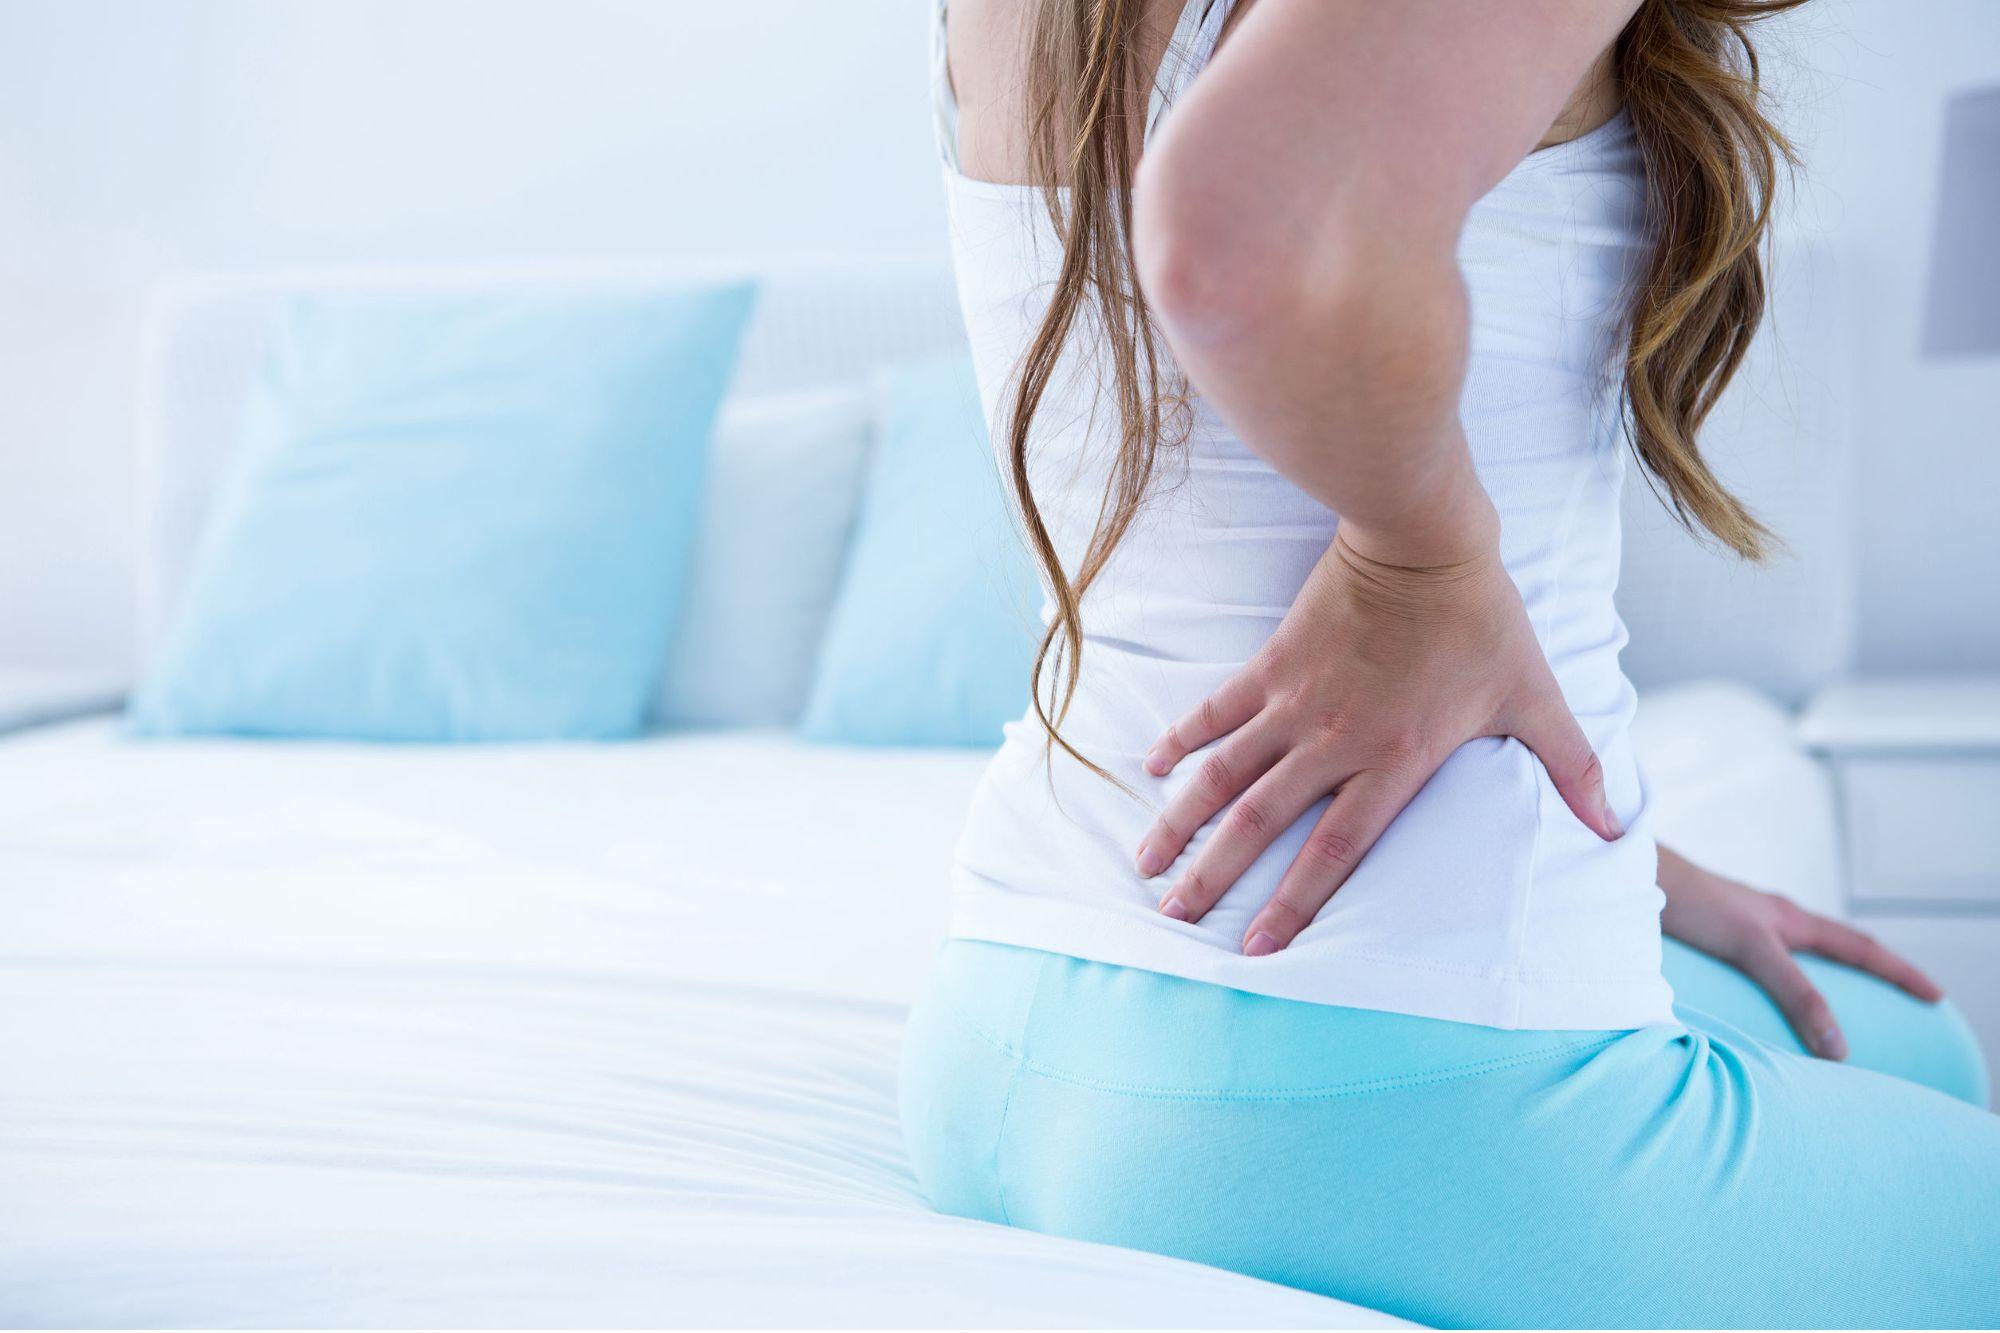 przewlekły ból pleców pojawiający się z rana. Znana i mało lubiana pobudka przez wielu